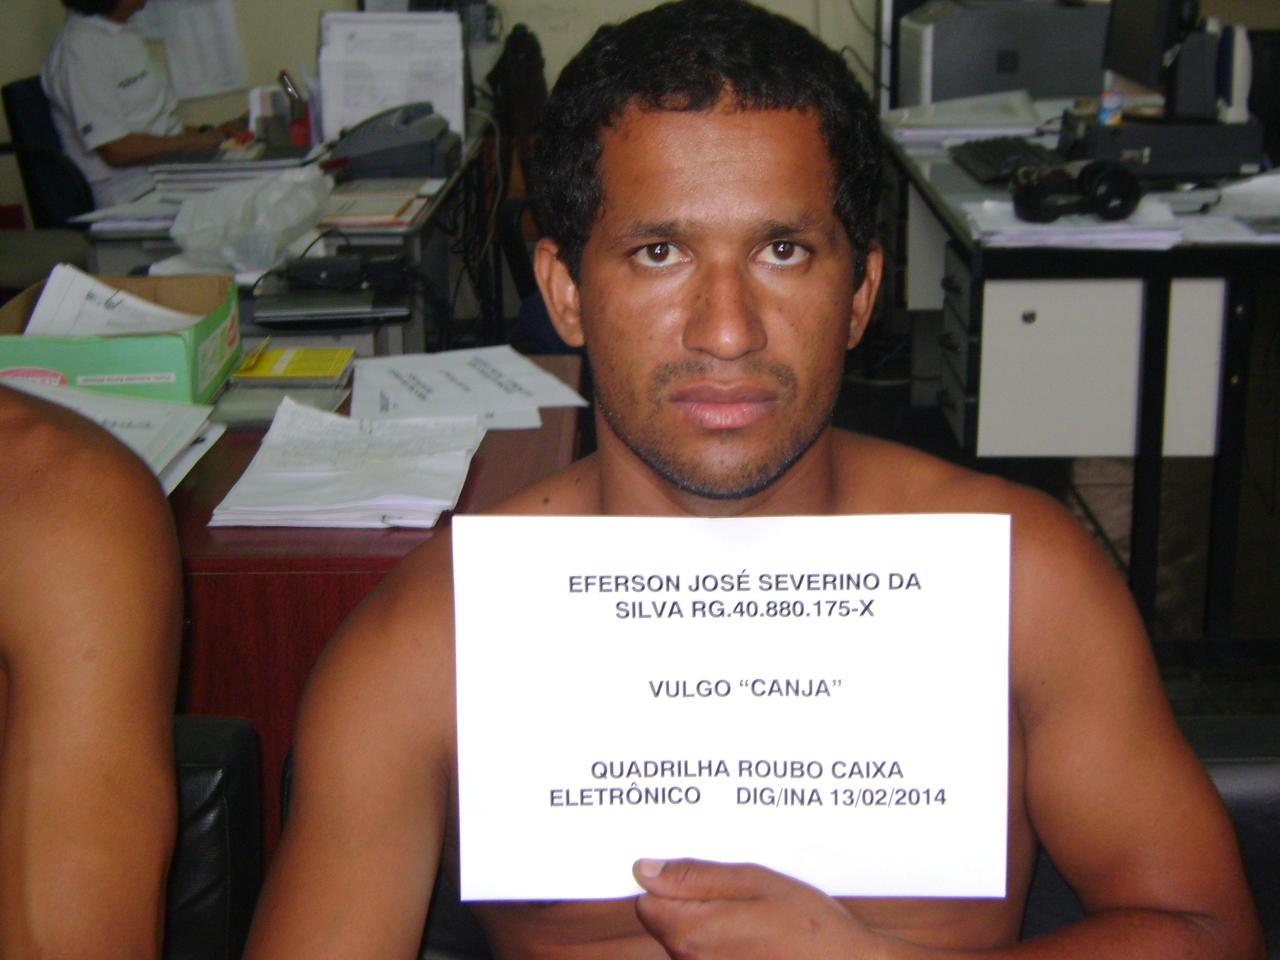 Eferson José Severino da Silva - ADIVAL B. PINTO